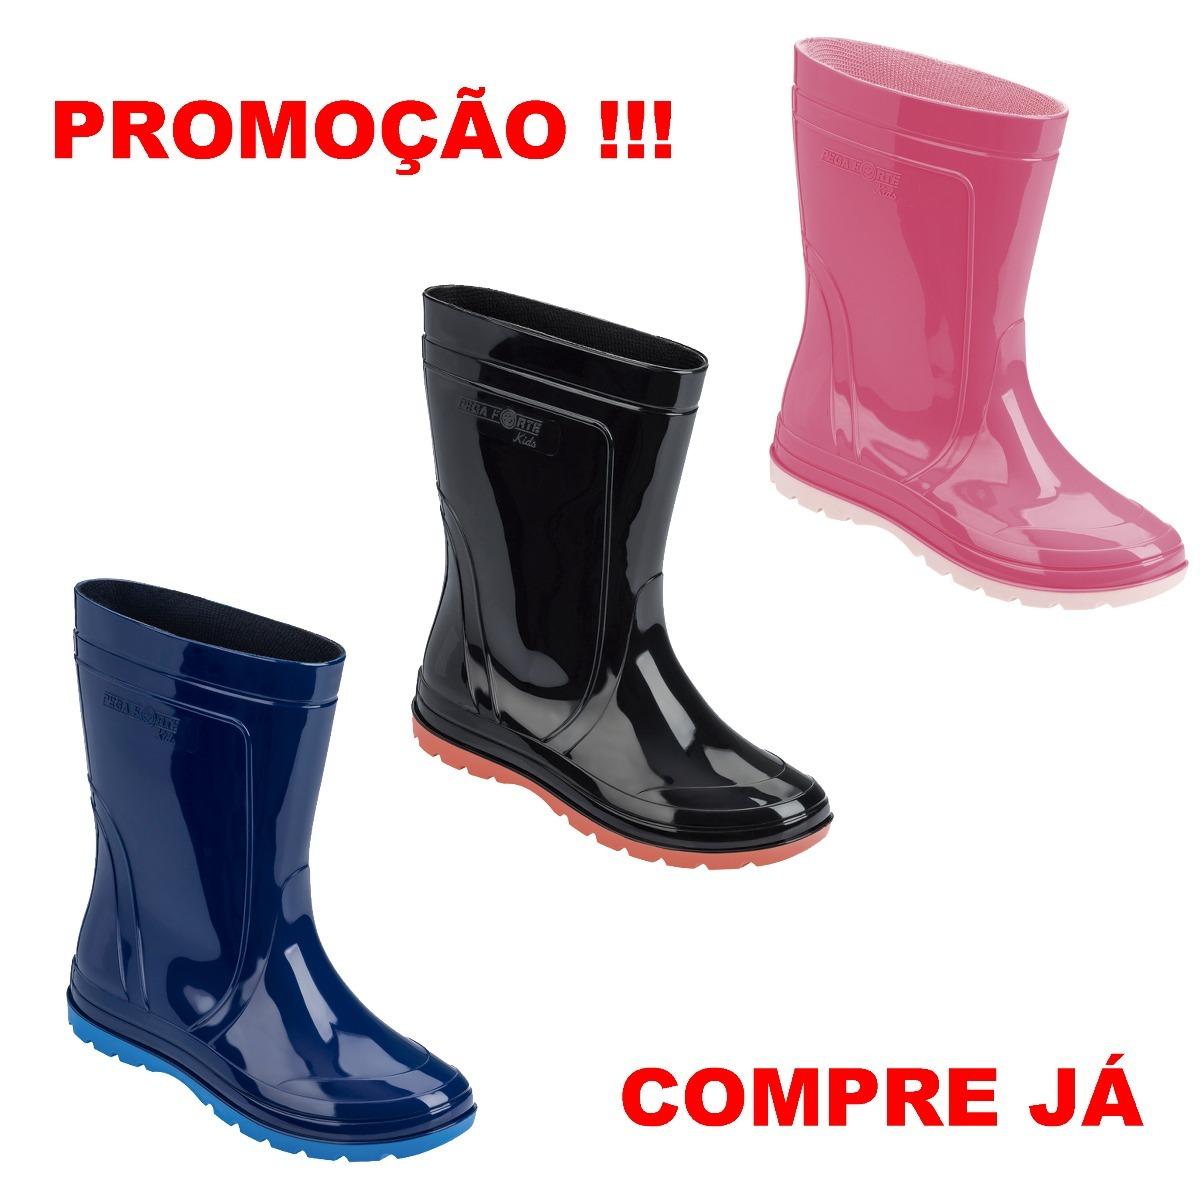 Bota Galocha Infantil Pvc Borracha Criança Promoção - R  34,60 em ... d9a206ea0f